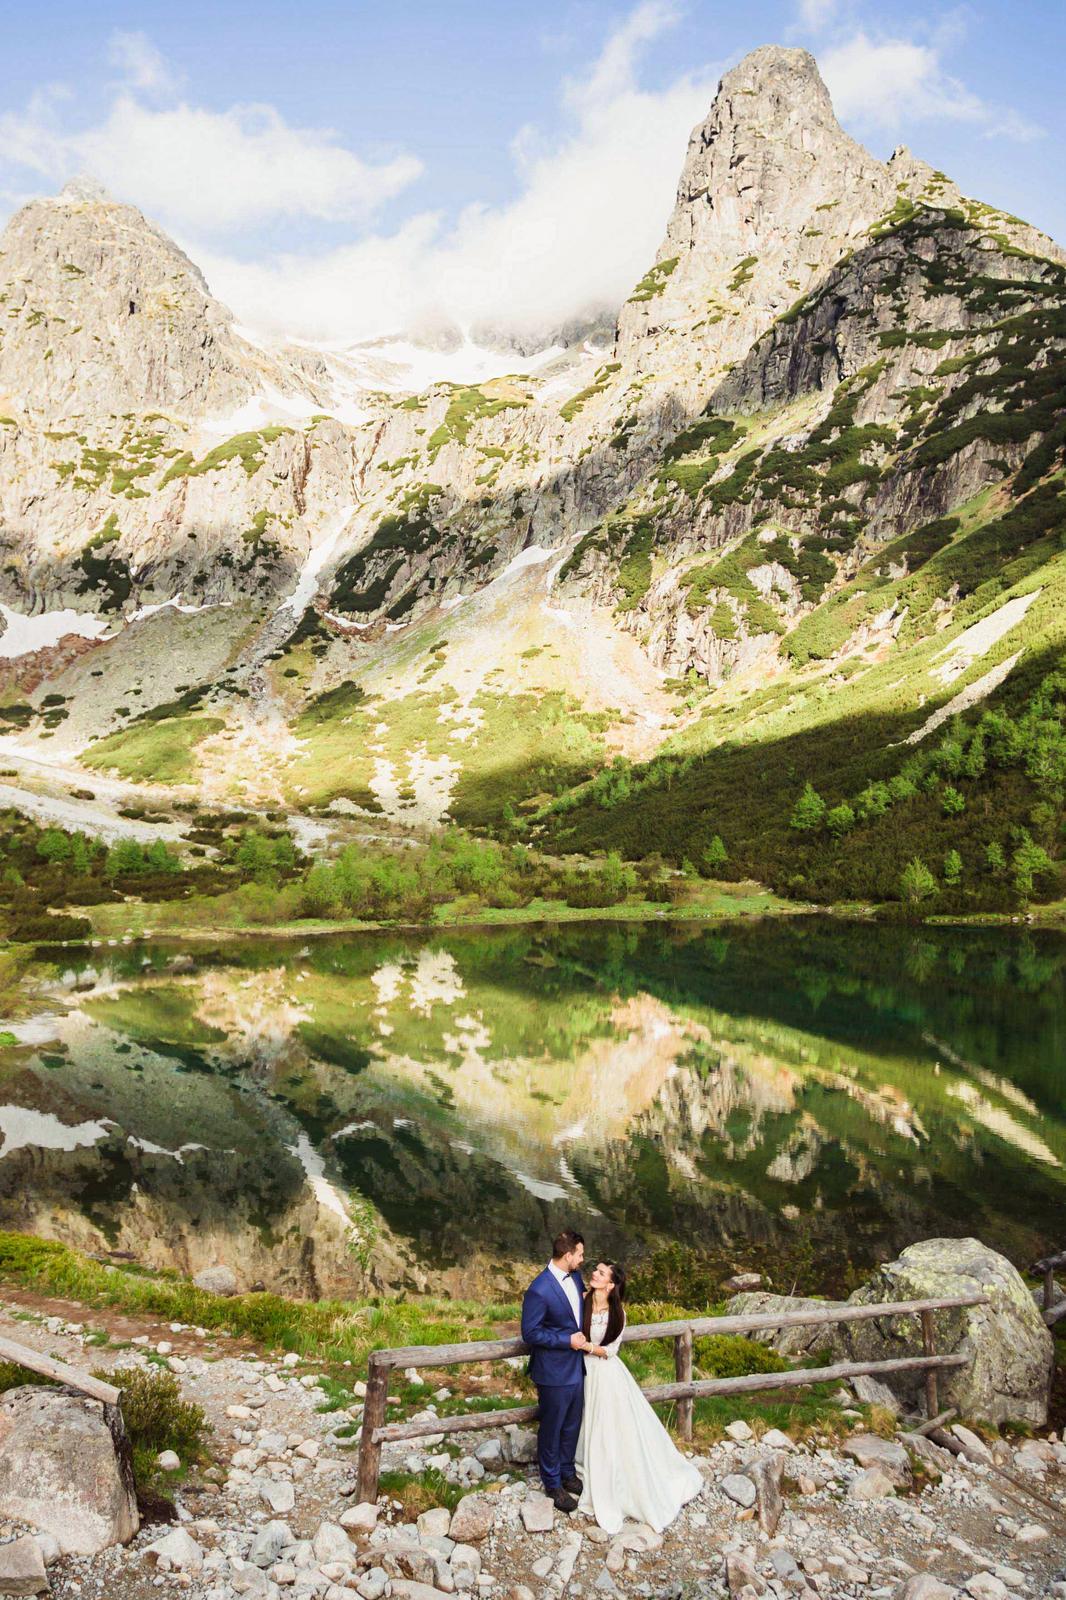 Tomáš & Monika - Zelené Pleso, Tatry ❤️ - Obrázok č. 57